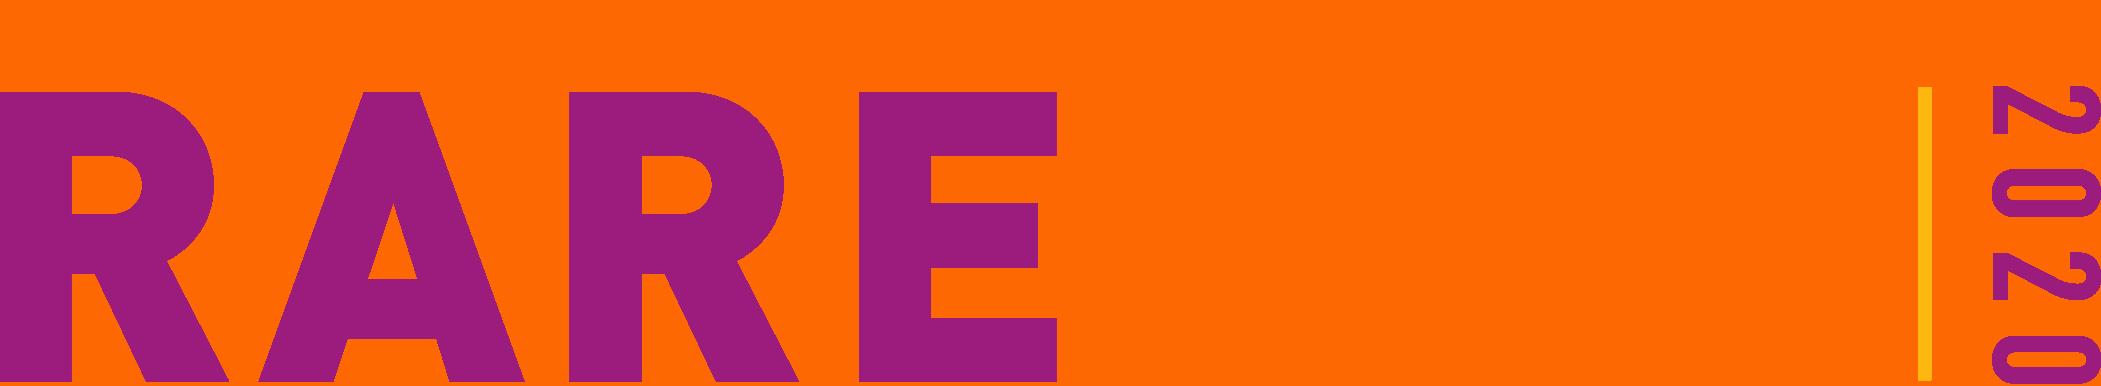 RAREfest 20 basic logo